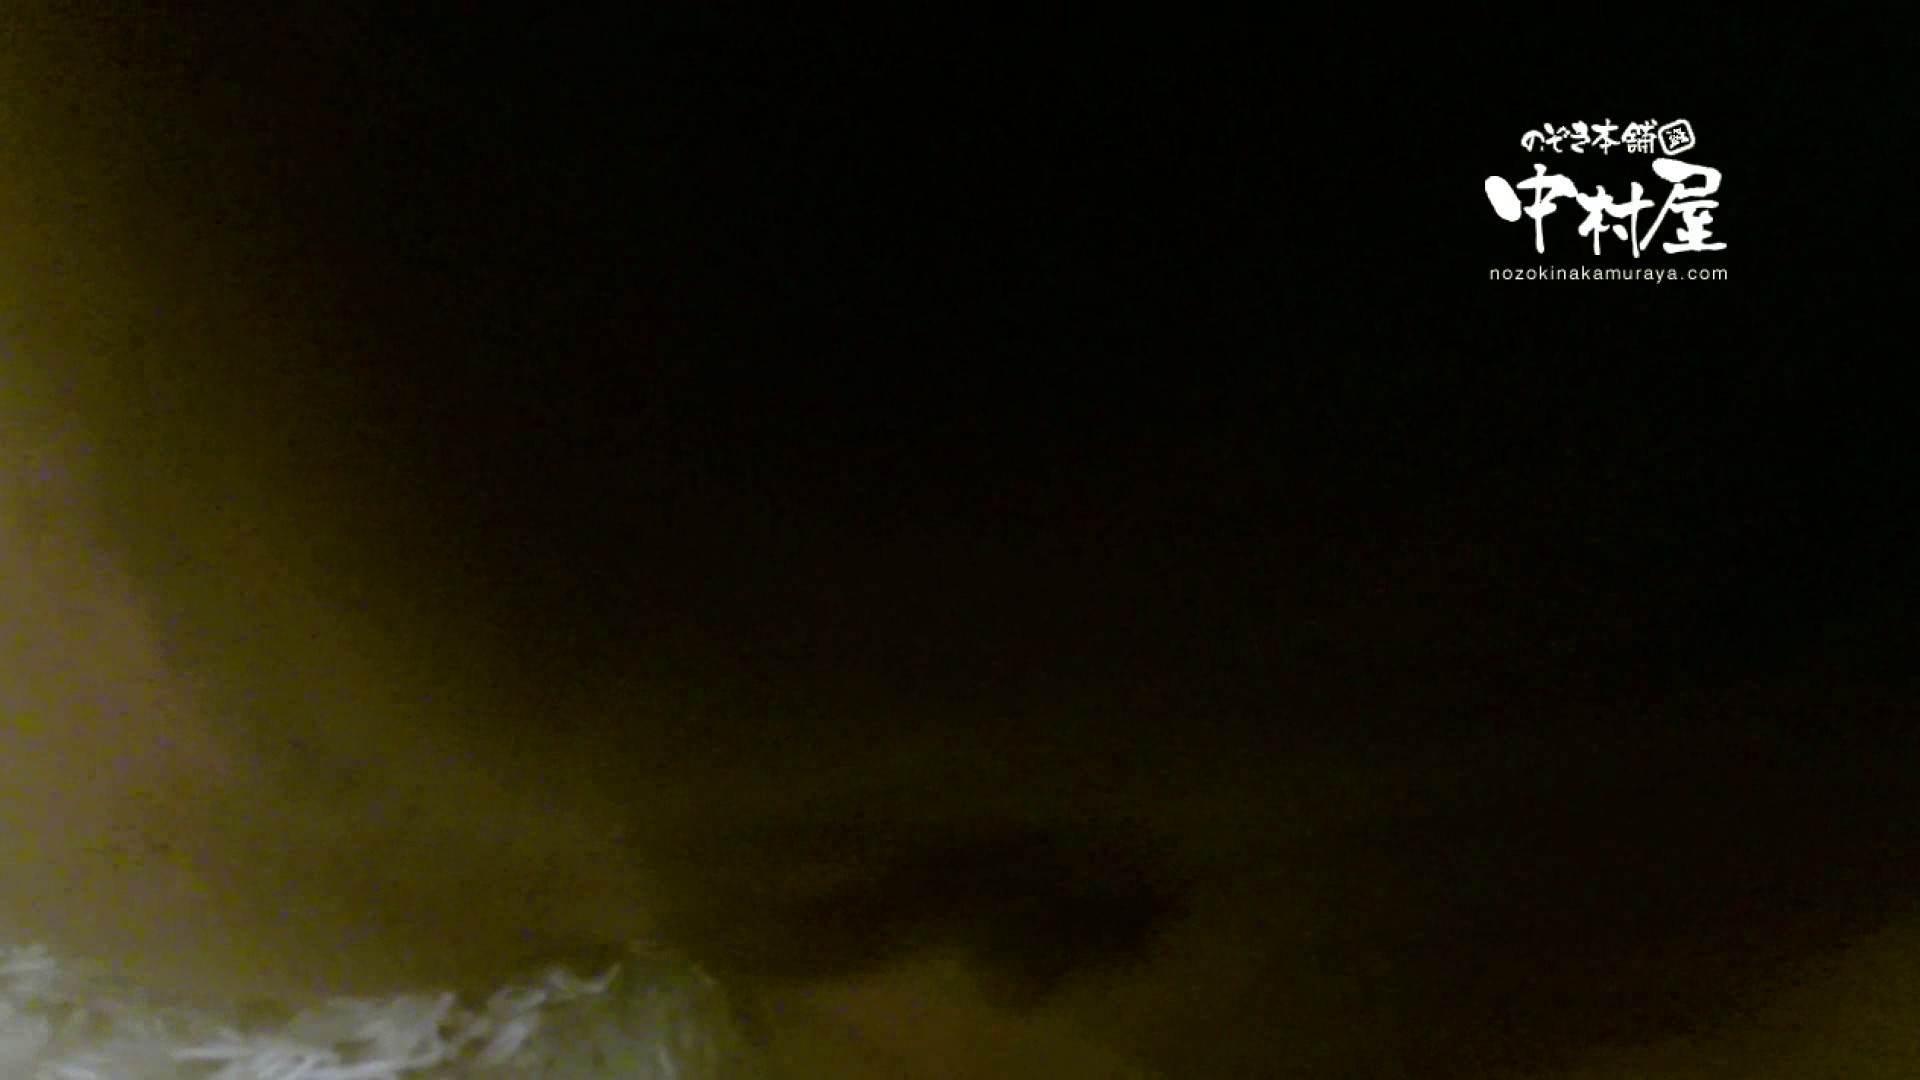 鬼畜 vol.17 中に出さないでください(アニメ声で懇願) 後編 0 | 0  97連発 9